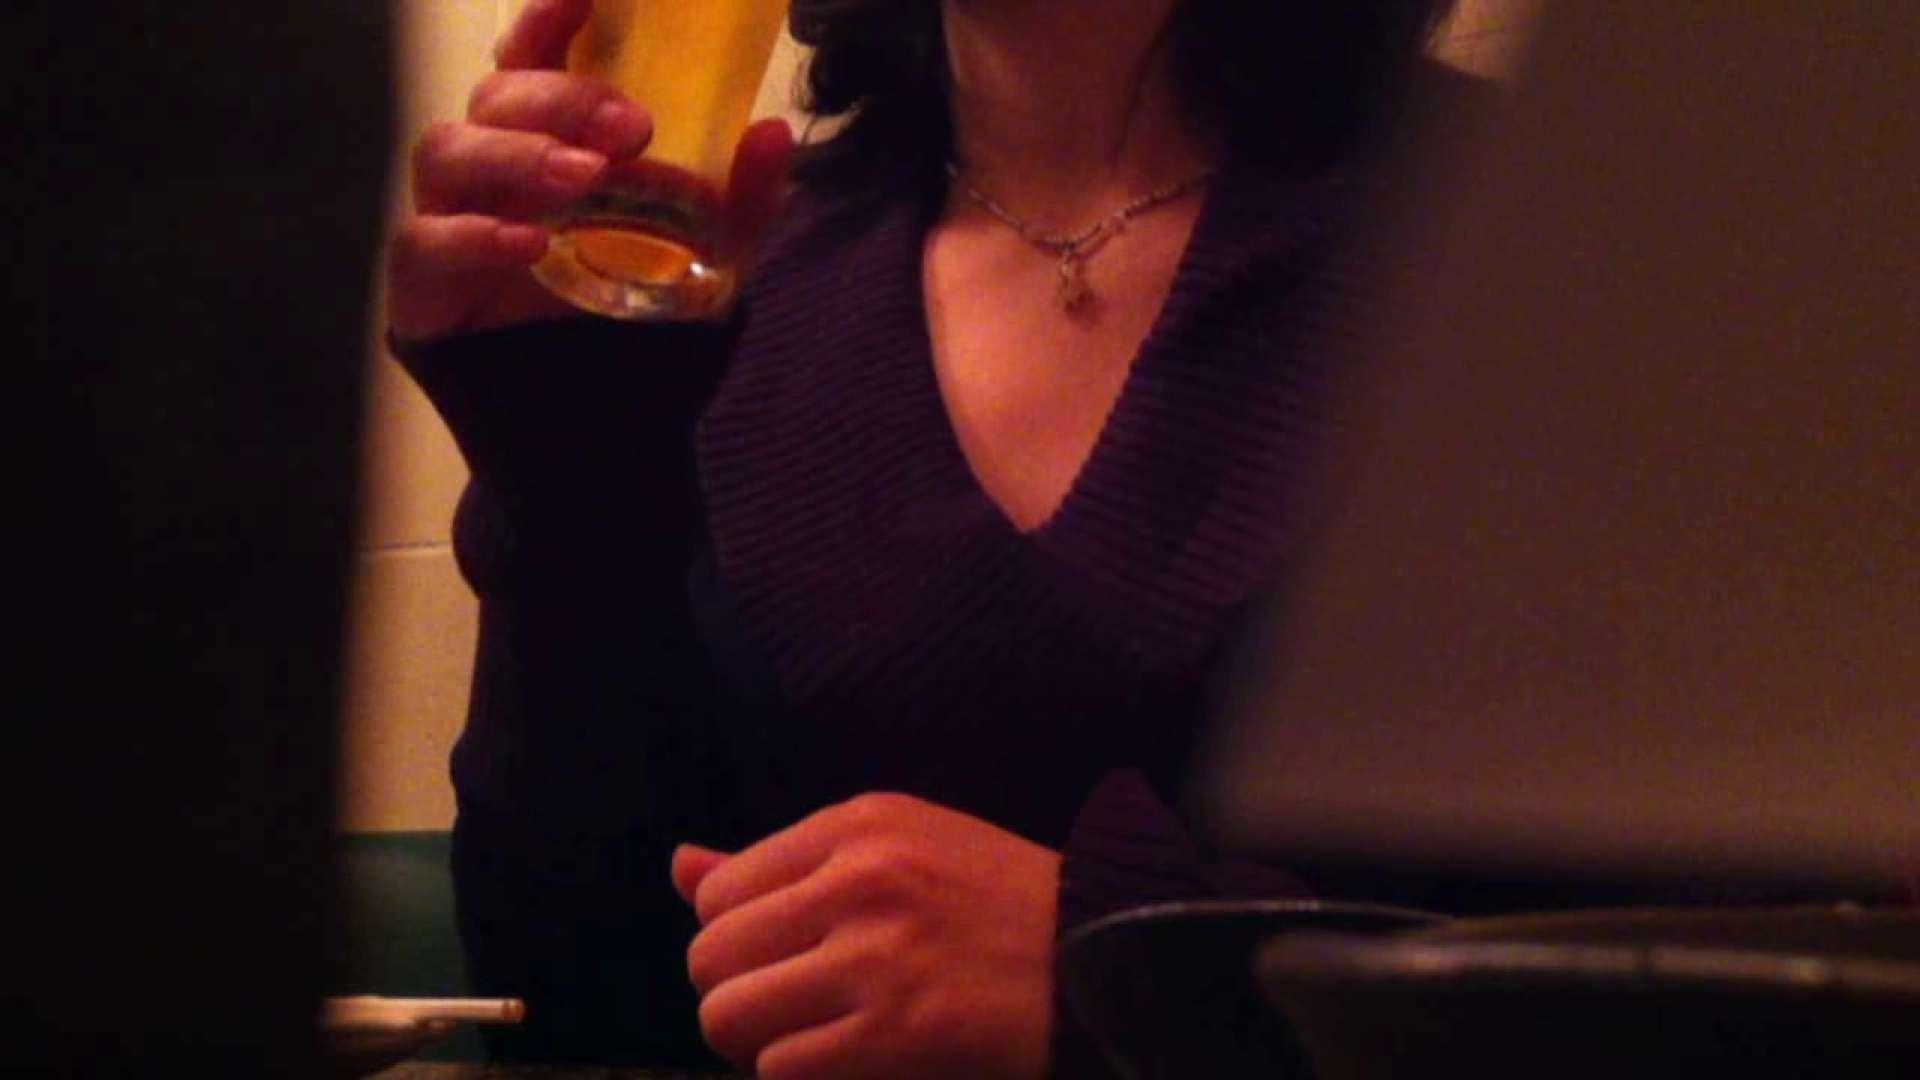 32才バツイチ子持ち現役看護婦じゅんこの変態願望Vol.1 ホテル AV動画キャプチャ 85画像 29